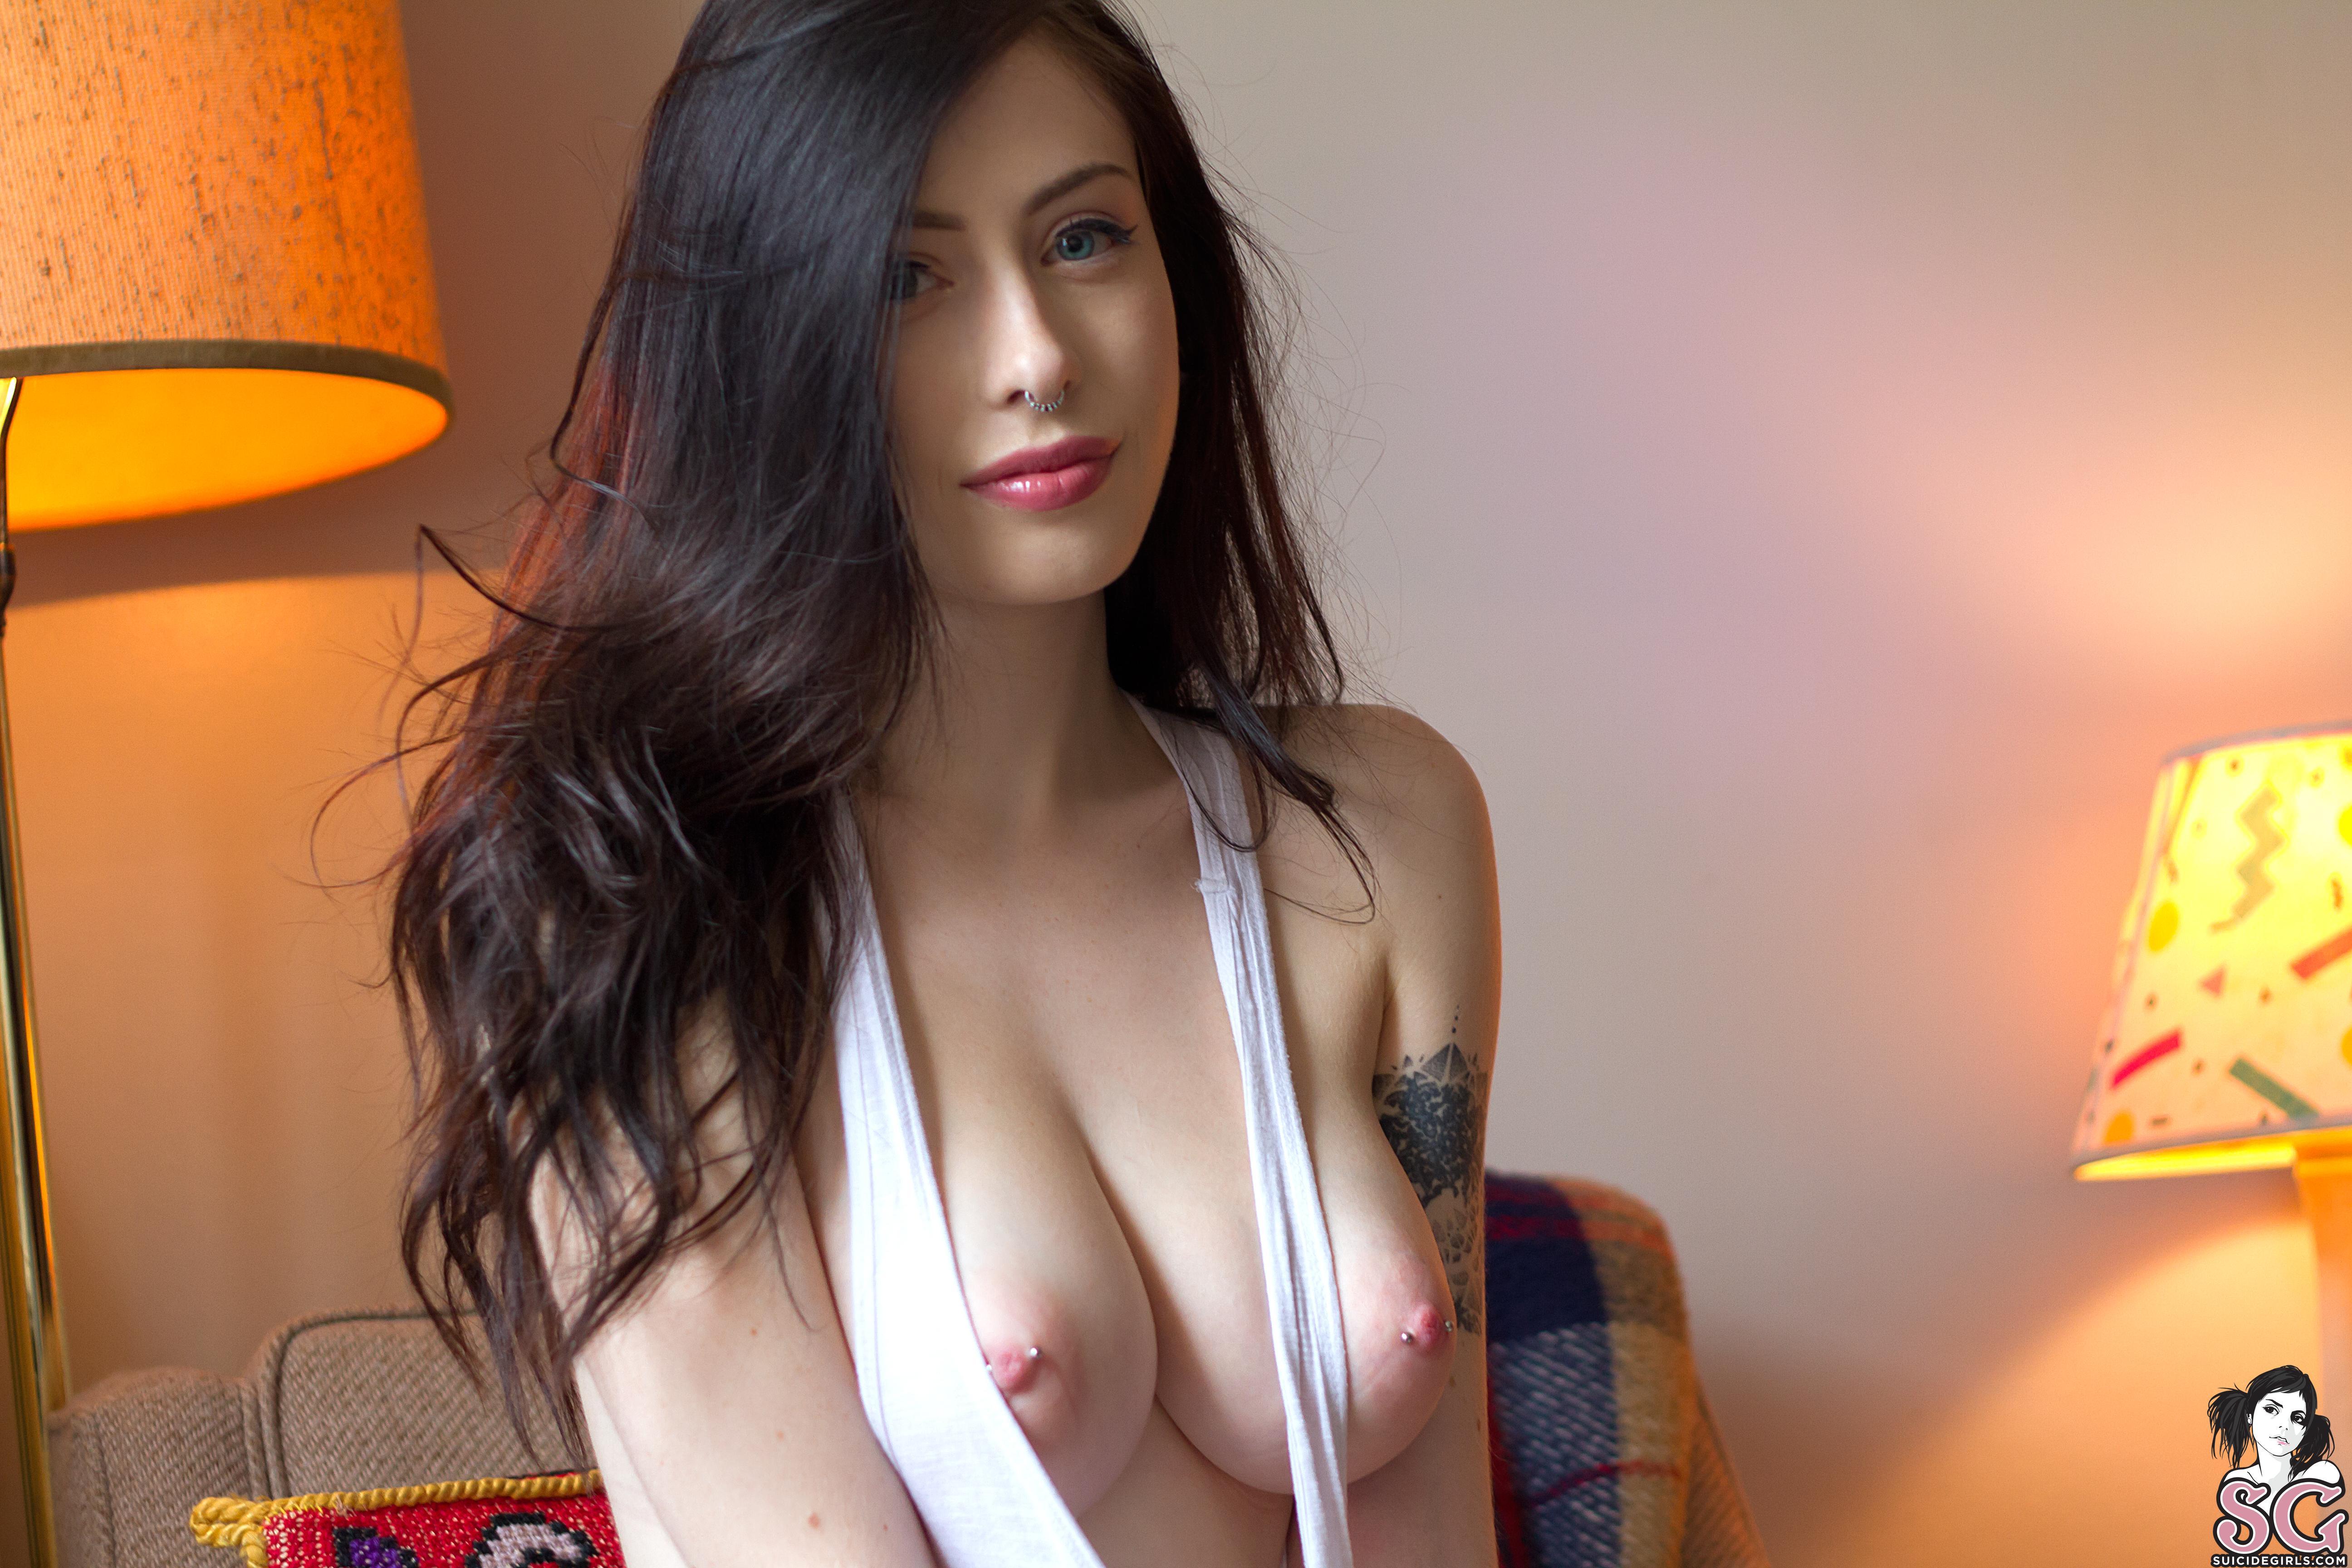 Big tits pierced nipples blonde milf 3